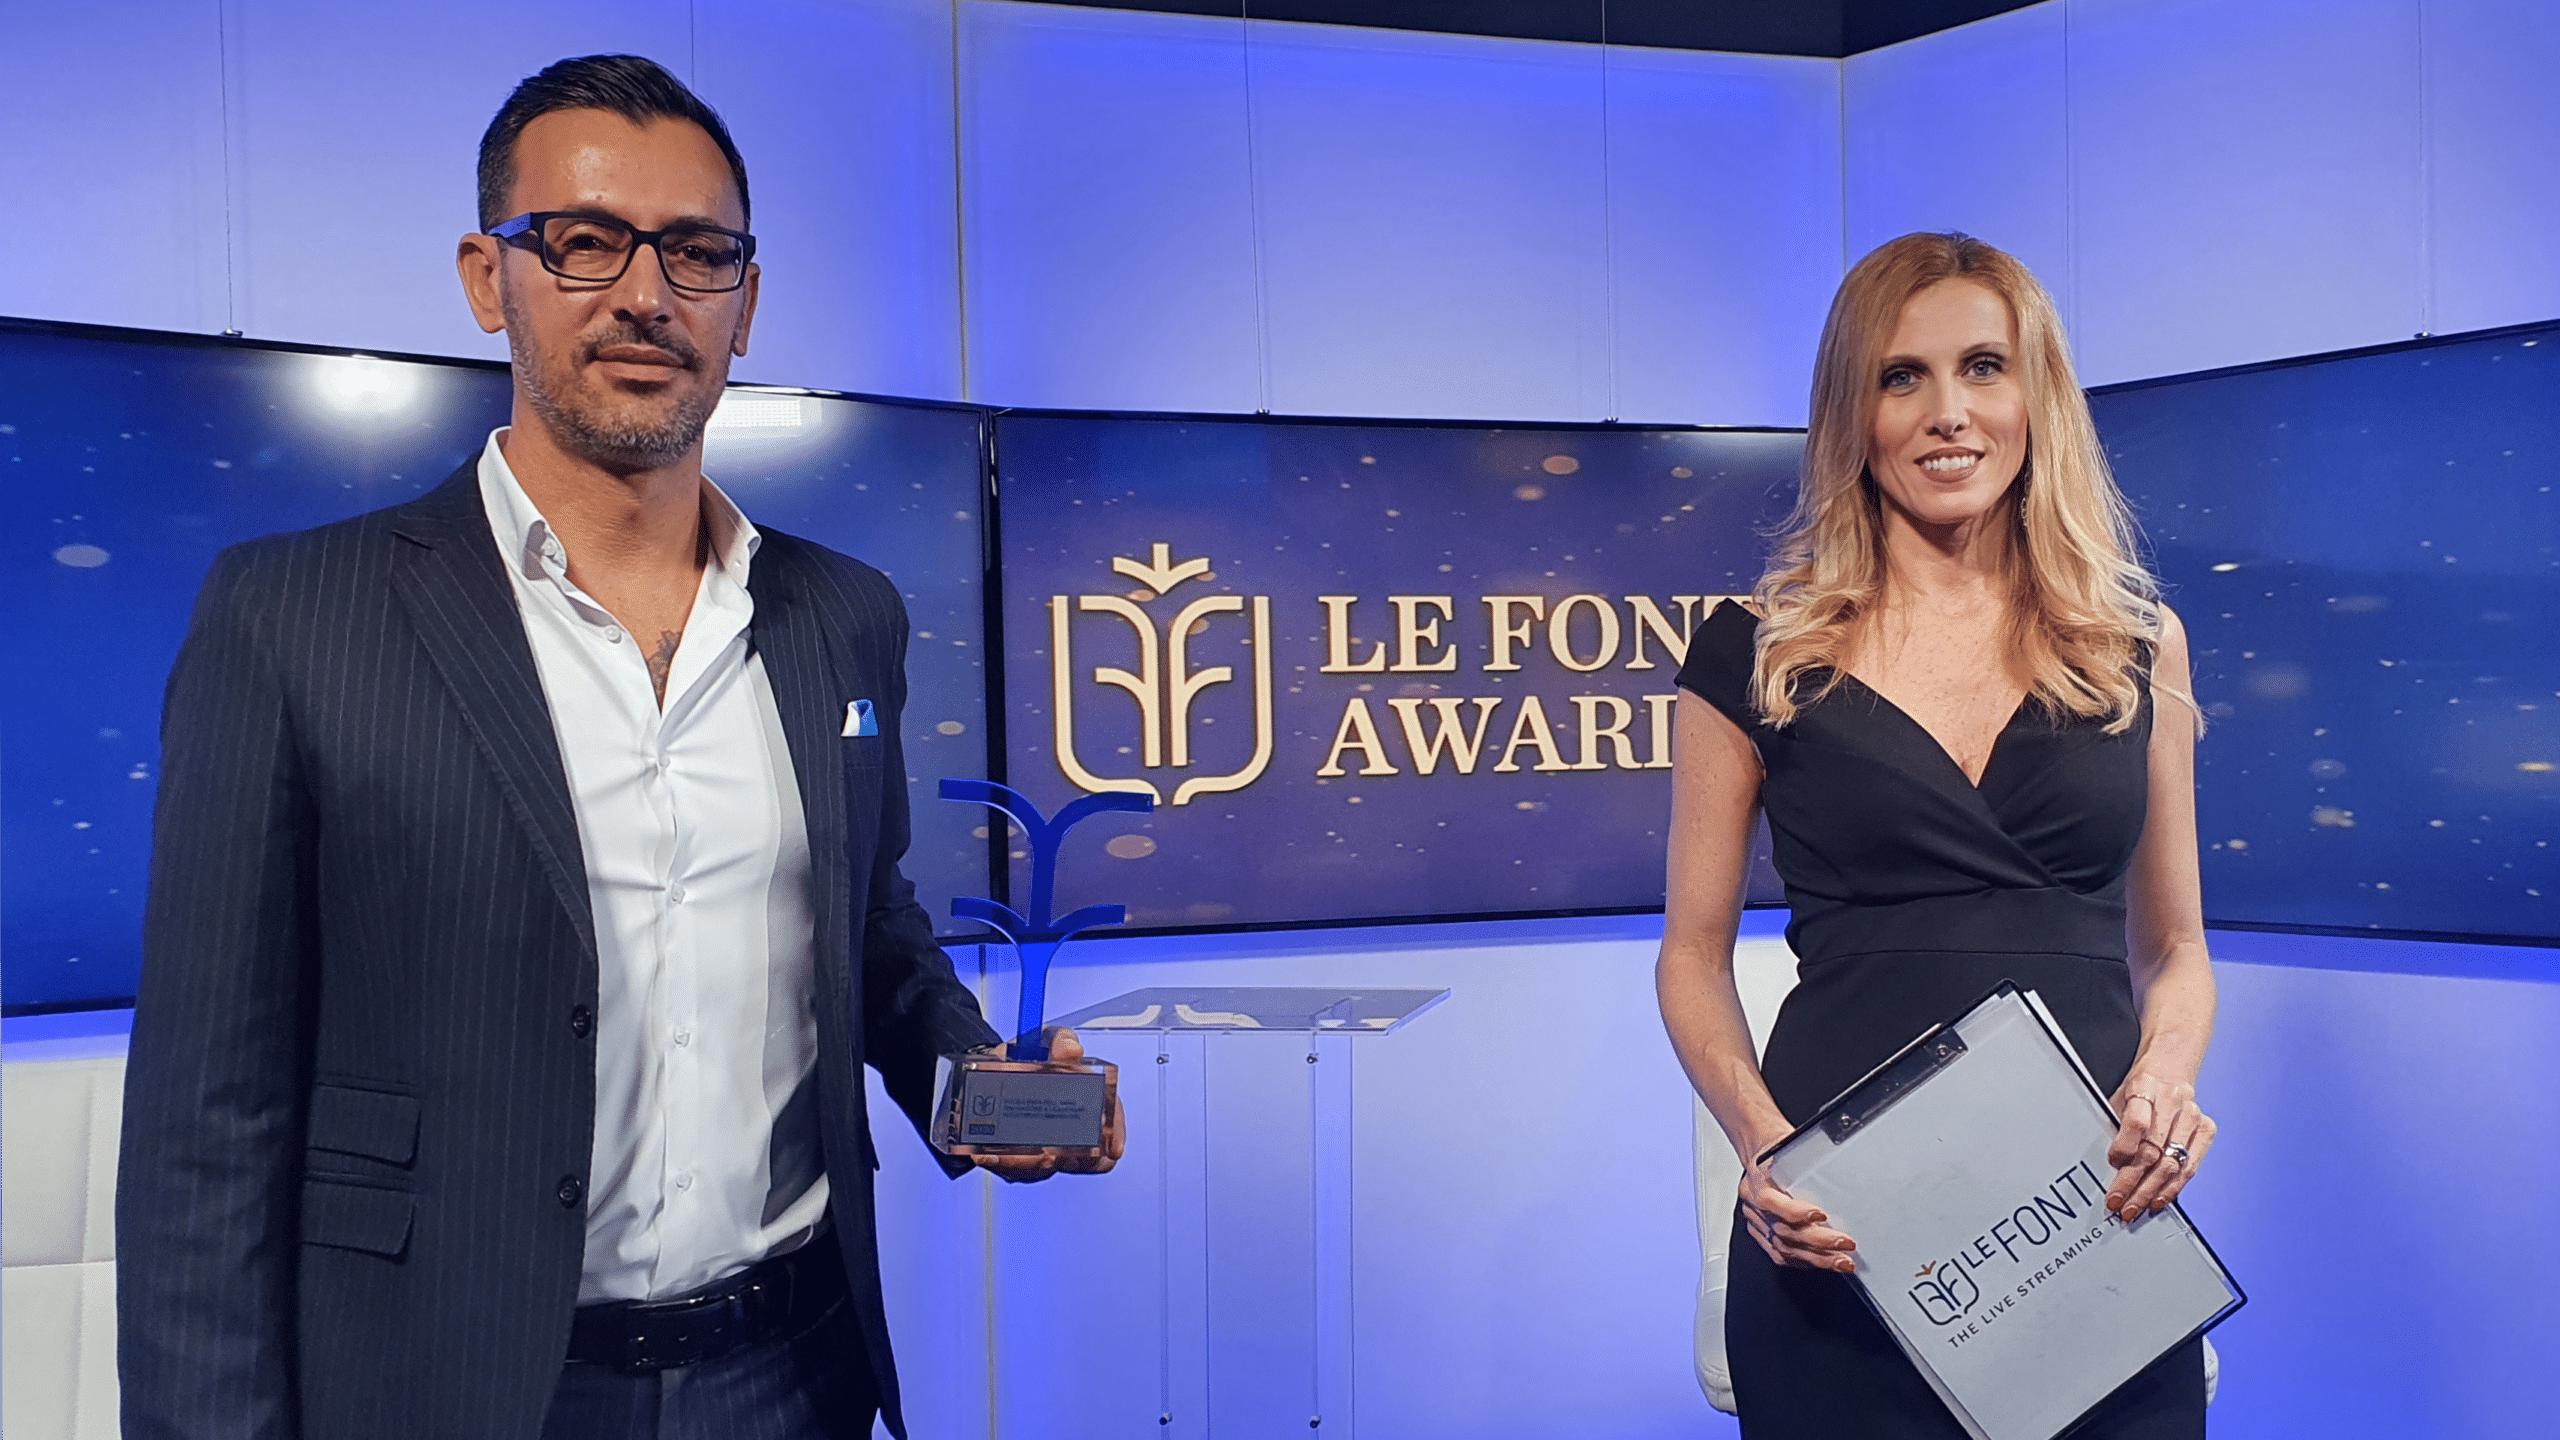 Premio per Eccellenza dell'Anno / Innovazione & Leadership / Investimenti Immobiliari